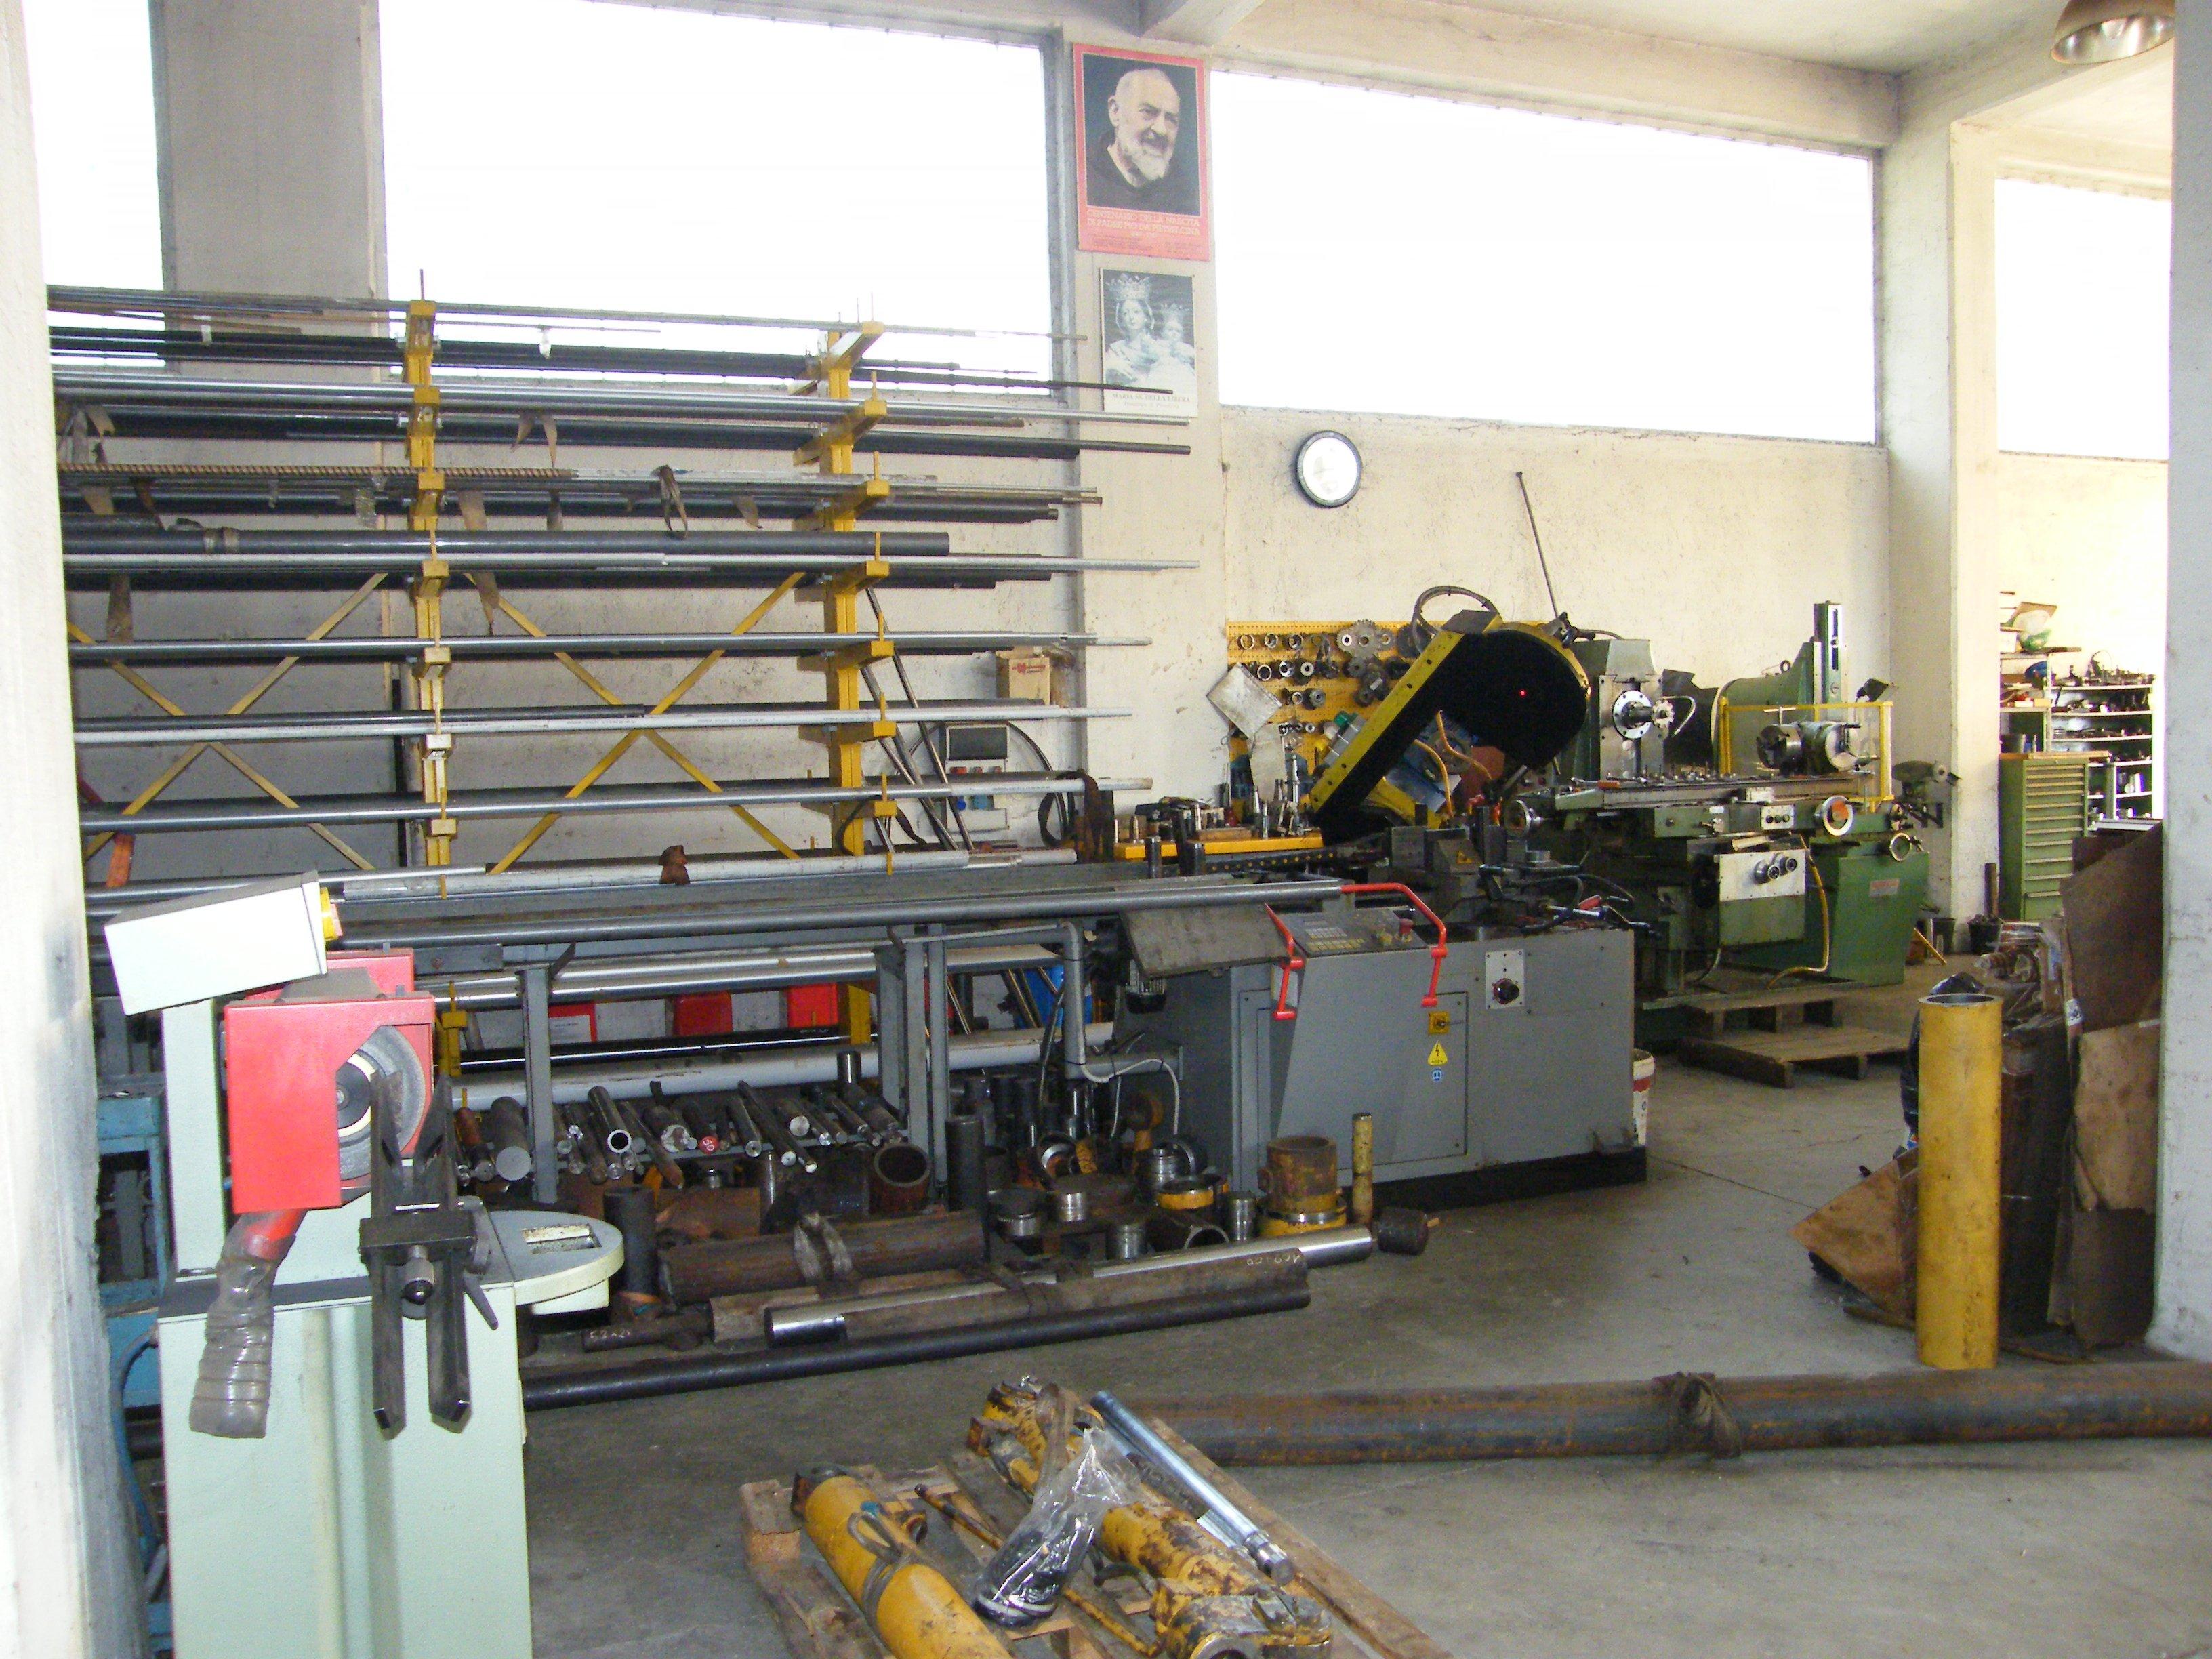 officina di ricambi macchine agricole a Pietrelcina, BN